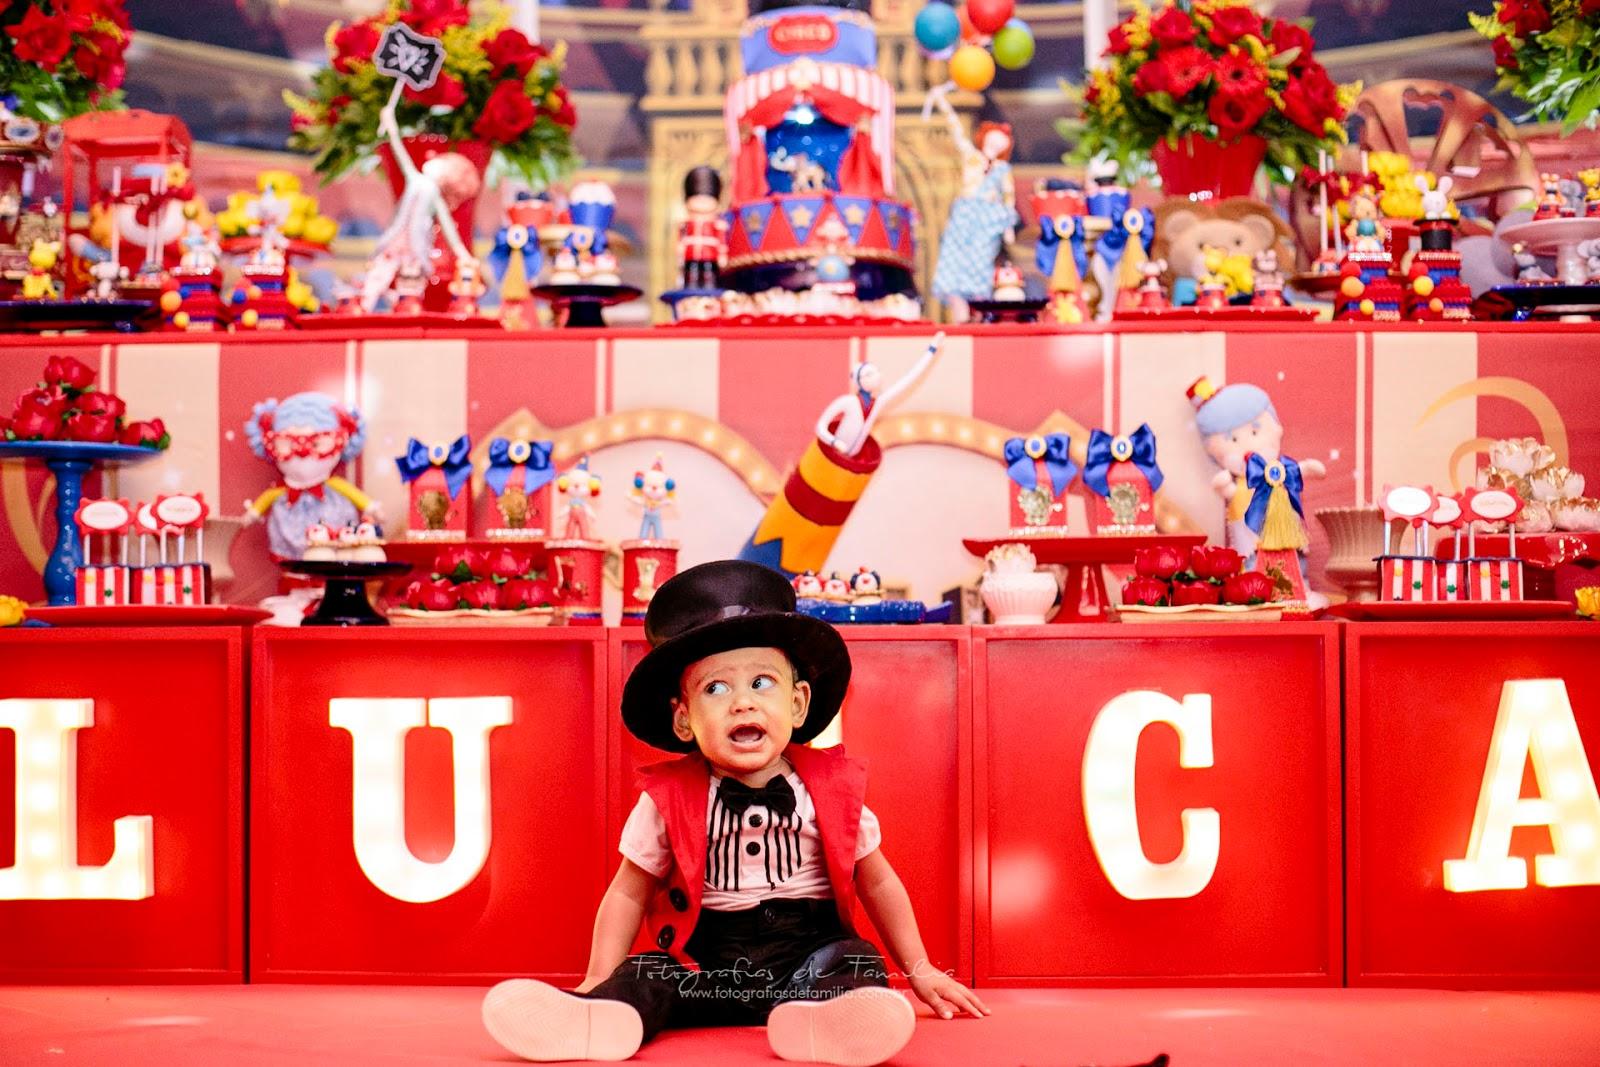 fotografo festa infantil - lucca